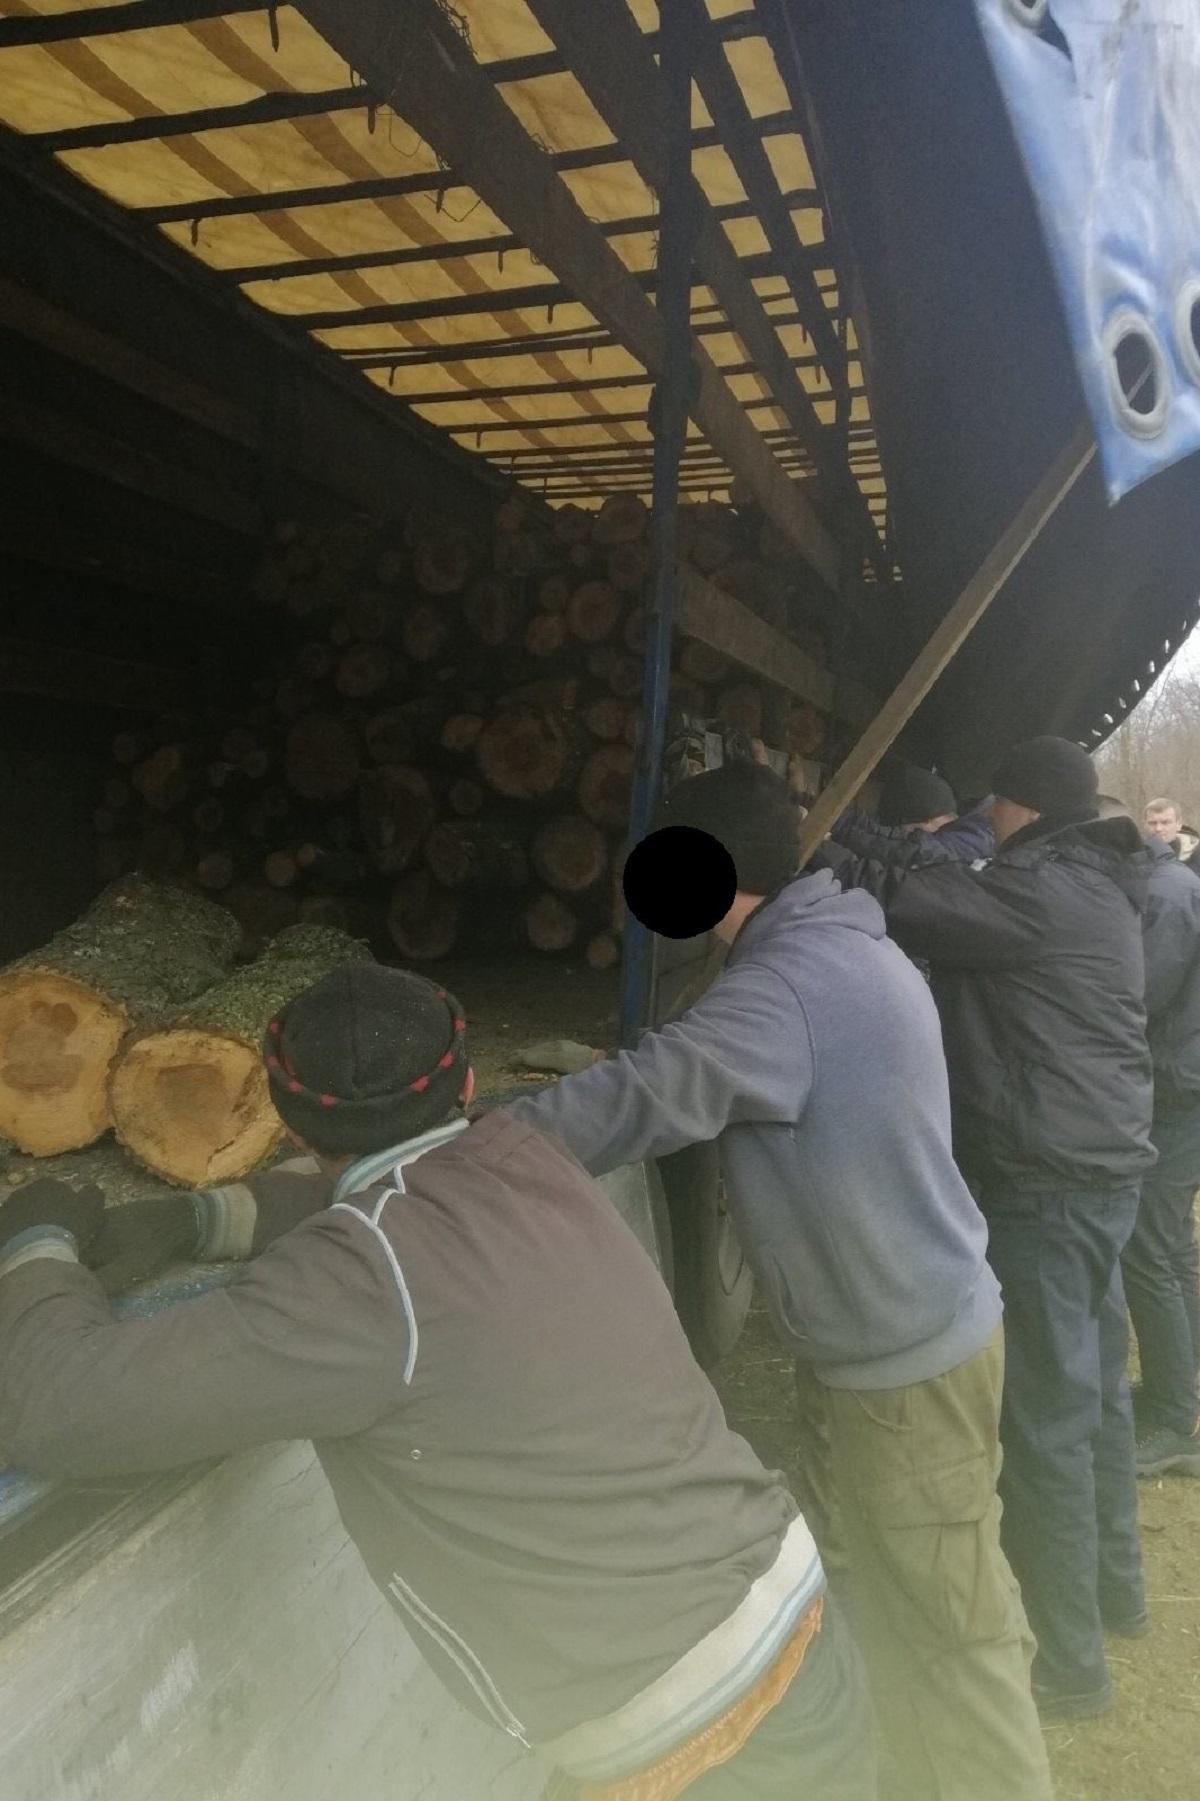 Без Купюр Лісорубу, який знищив майже на 3 мільйони дерев на Кіровоградщині, оголосили підозру Кримінал  чорні лісоруби підозра Кіровоградська обласна прокуратура 2020 рік